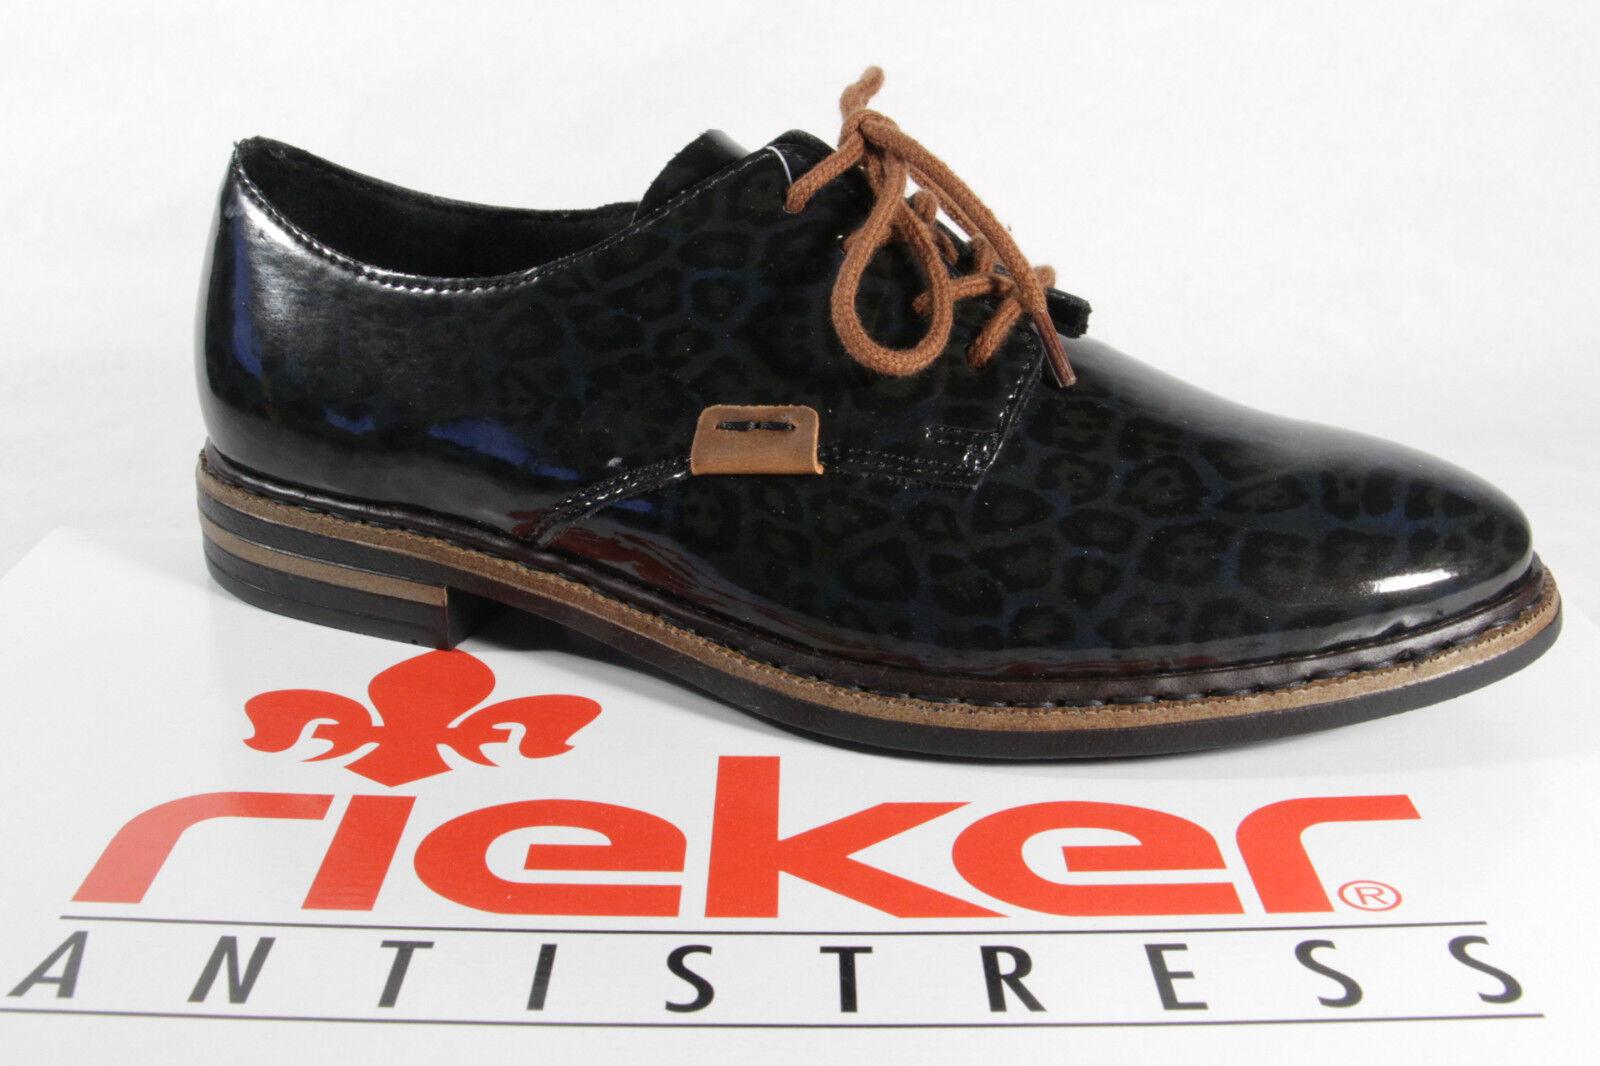 Rieker Mujer Zapatos de Cordones, Zapatos, Zapatos, Zapatos, Zapatillas, Negro gris 50614 Nuevo  echa un vistazo a los más baratos